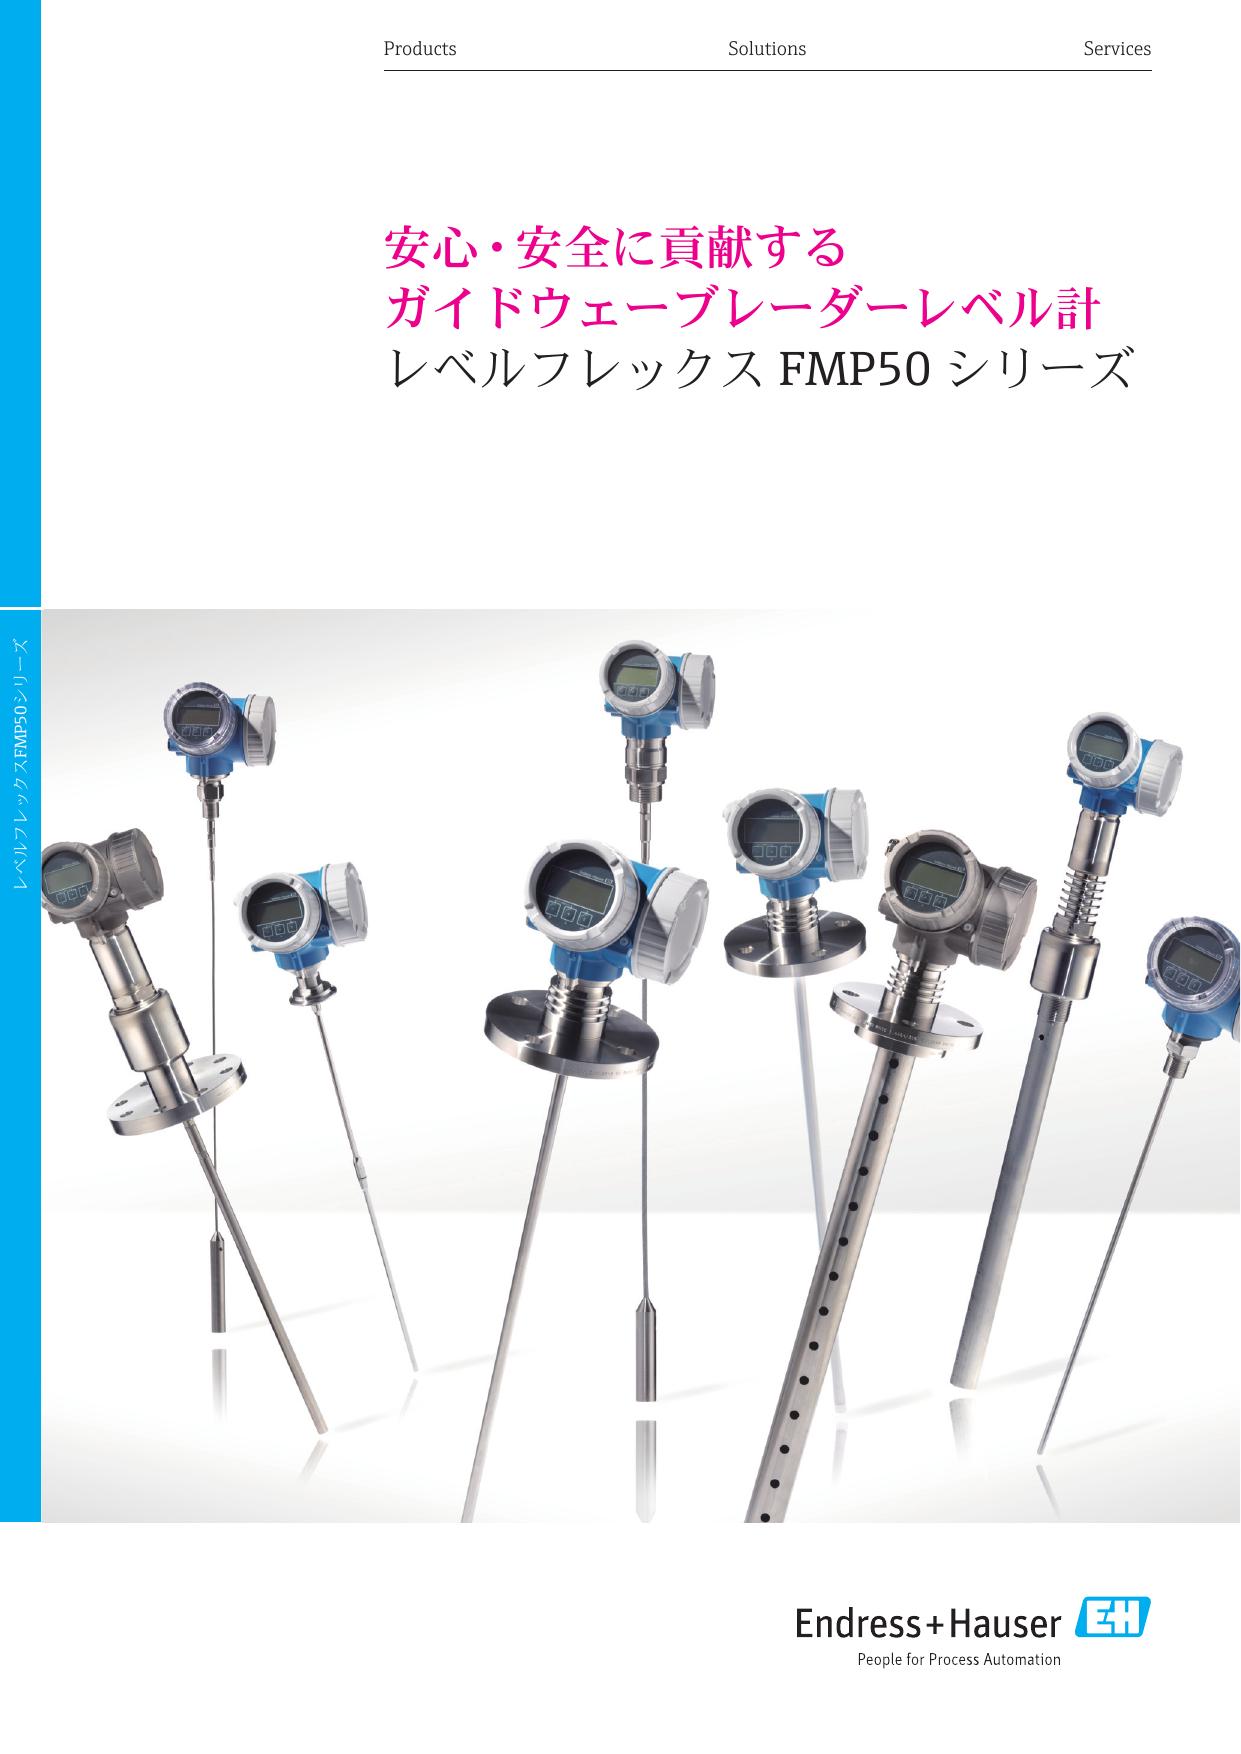 ガイドウェーブレーダーレベル計 FMP50シリーズ